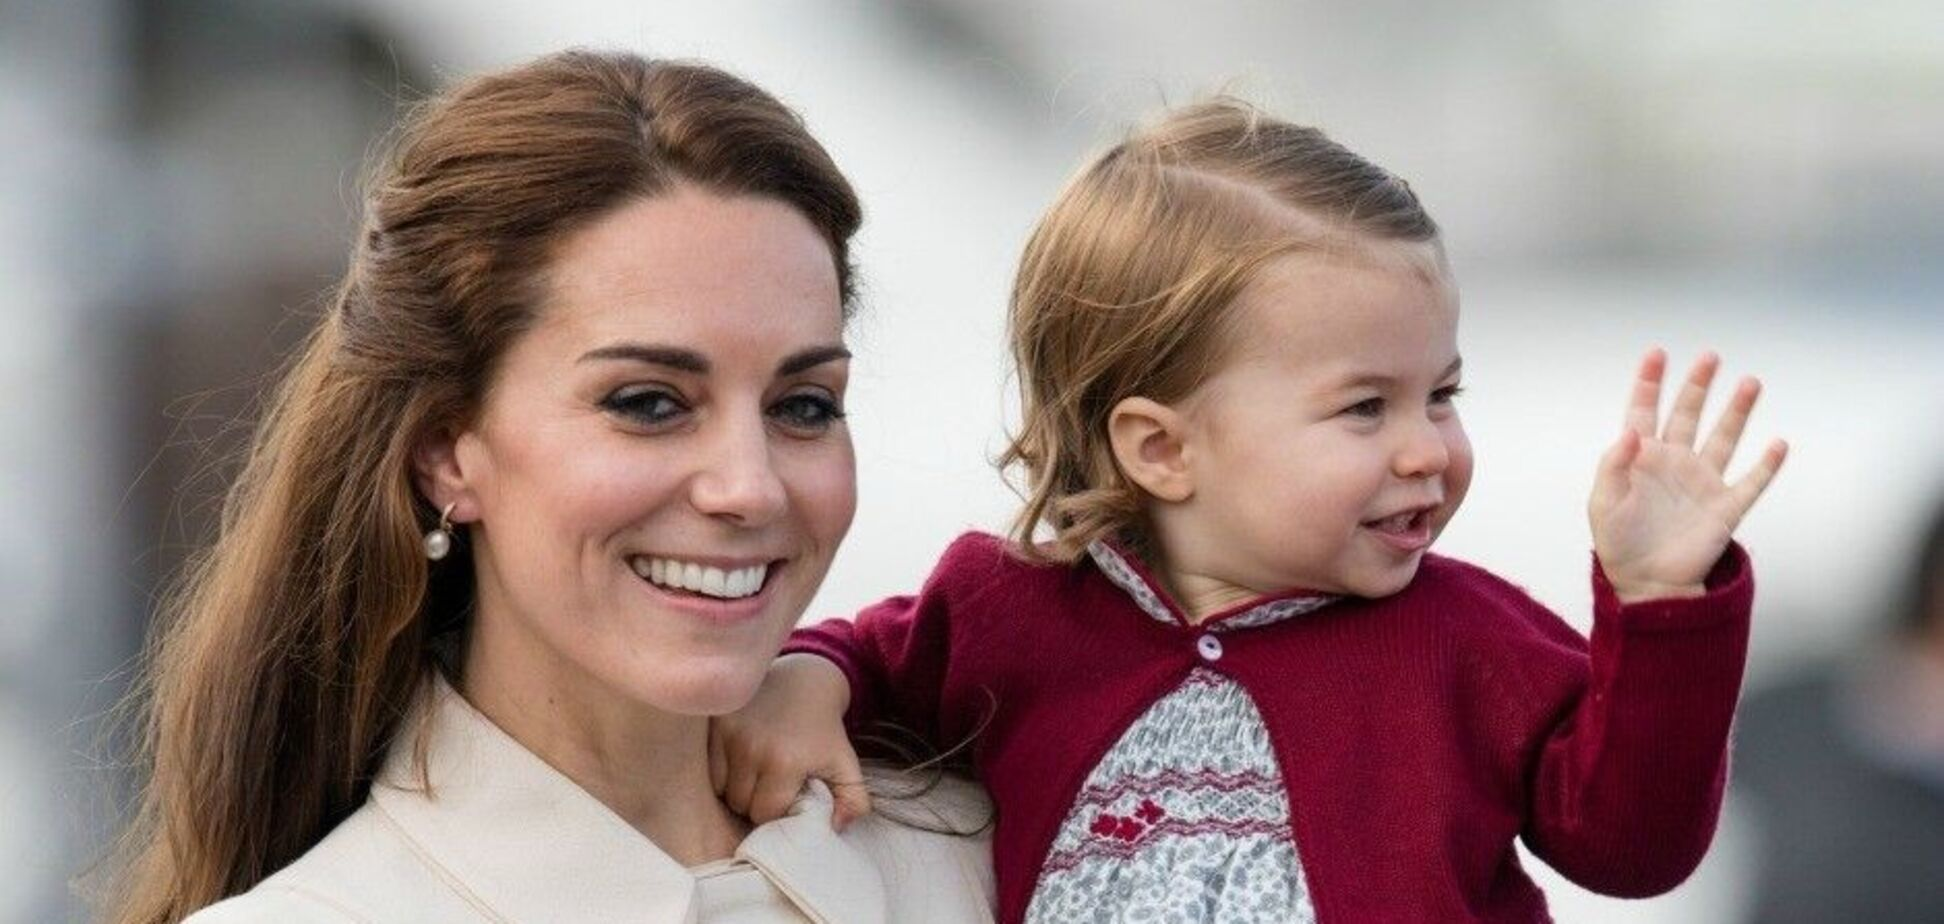 Кейт Миддлтон показала новый портрет 6-летней принцессы Шарлотты в день рождения